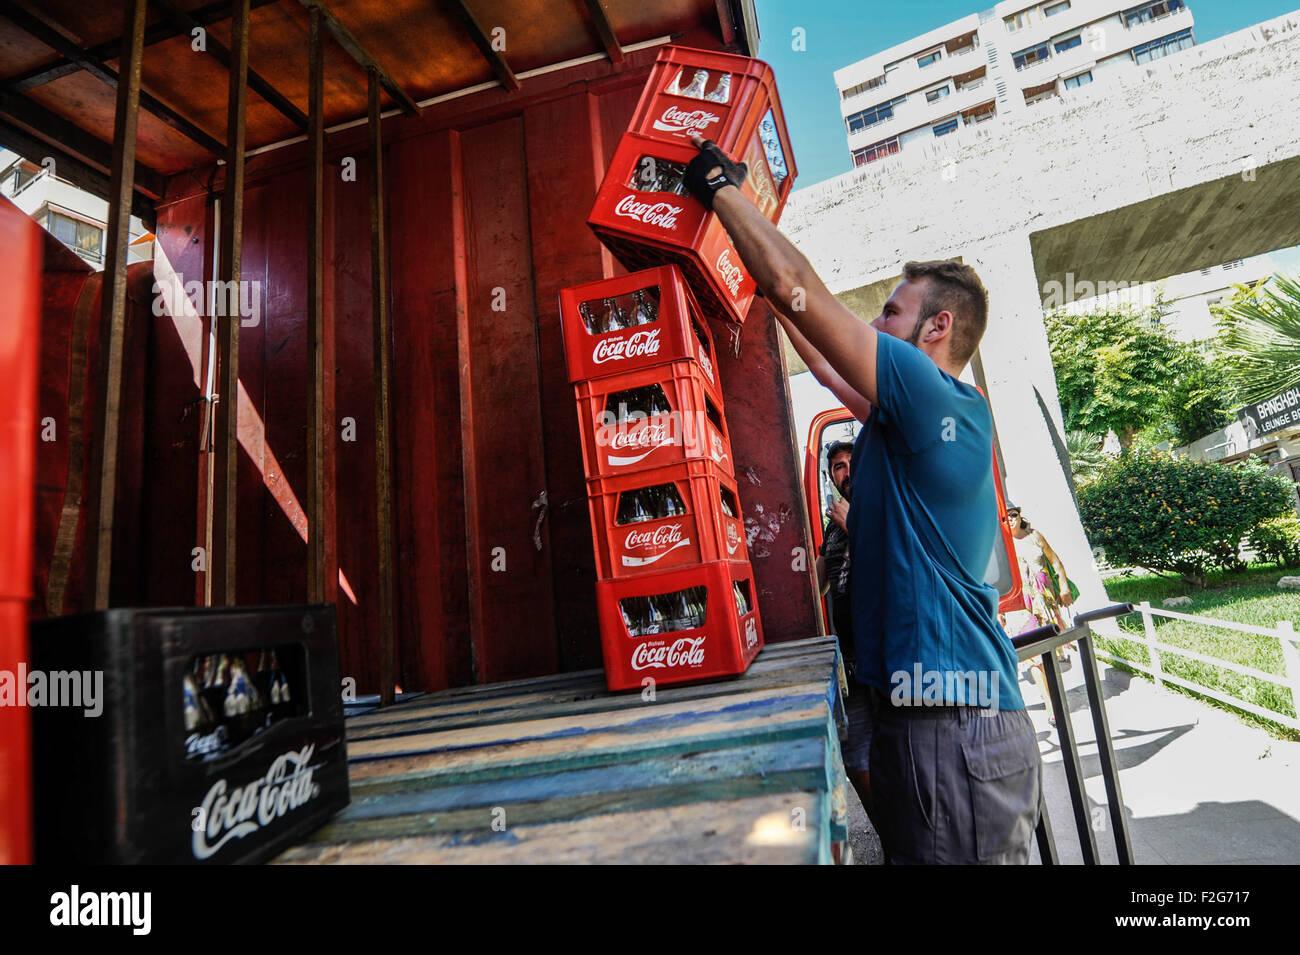 the delivery of Coca Cola-la entrega de Coca Cola - Stock Image